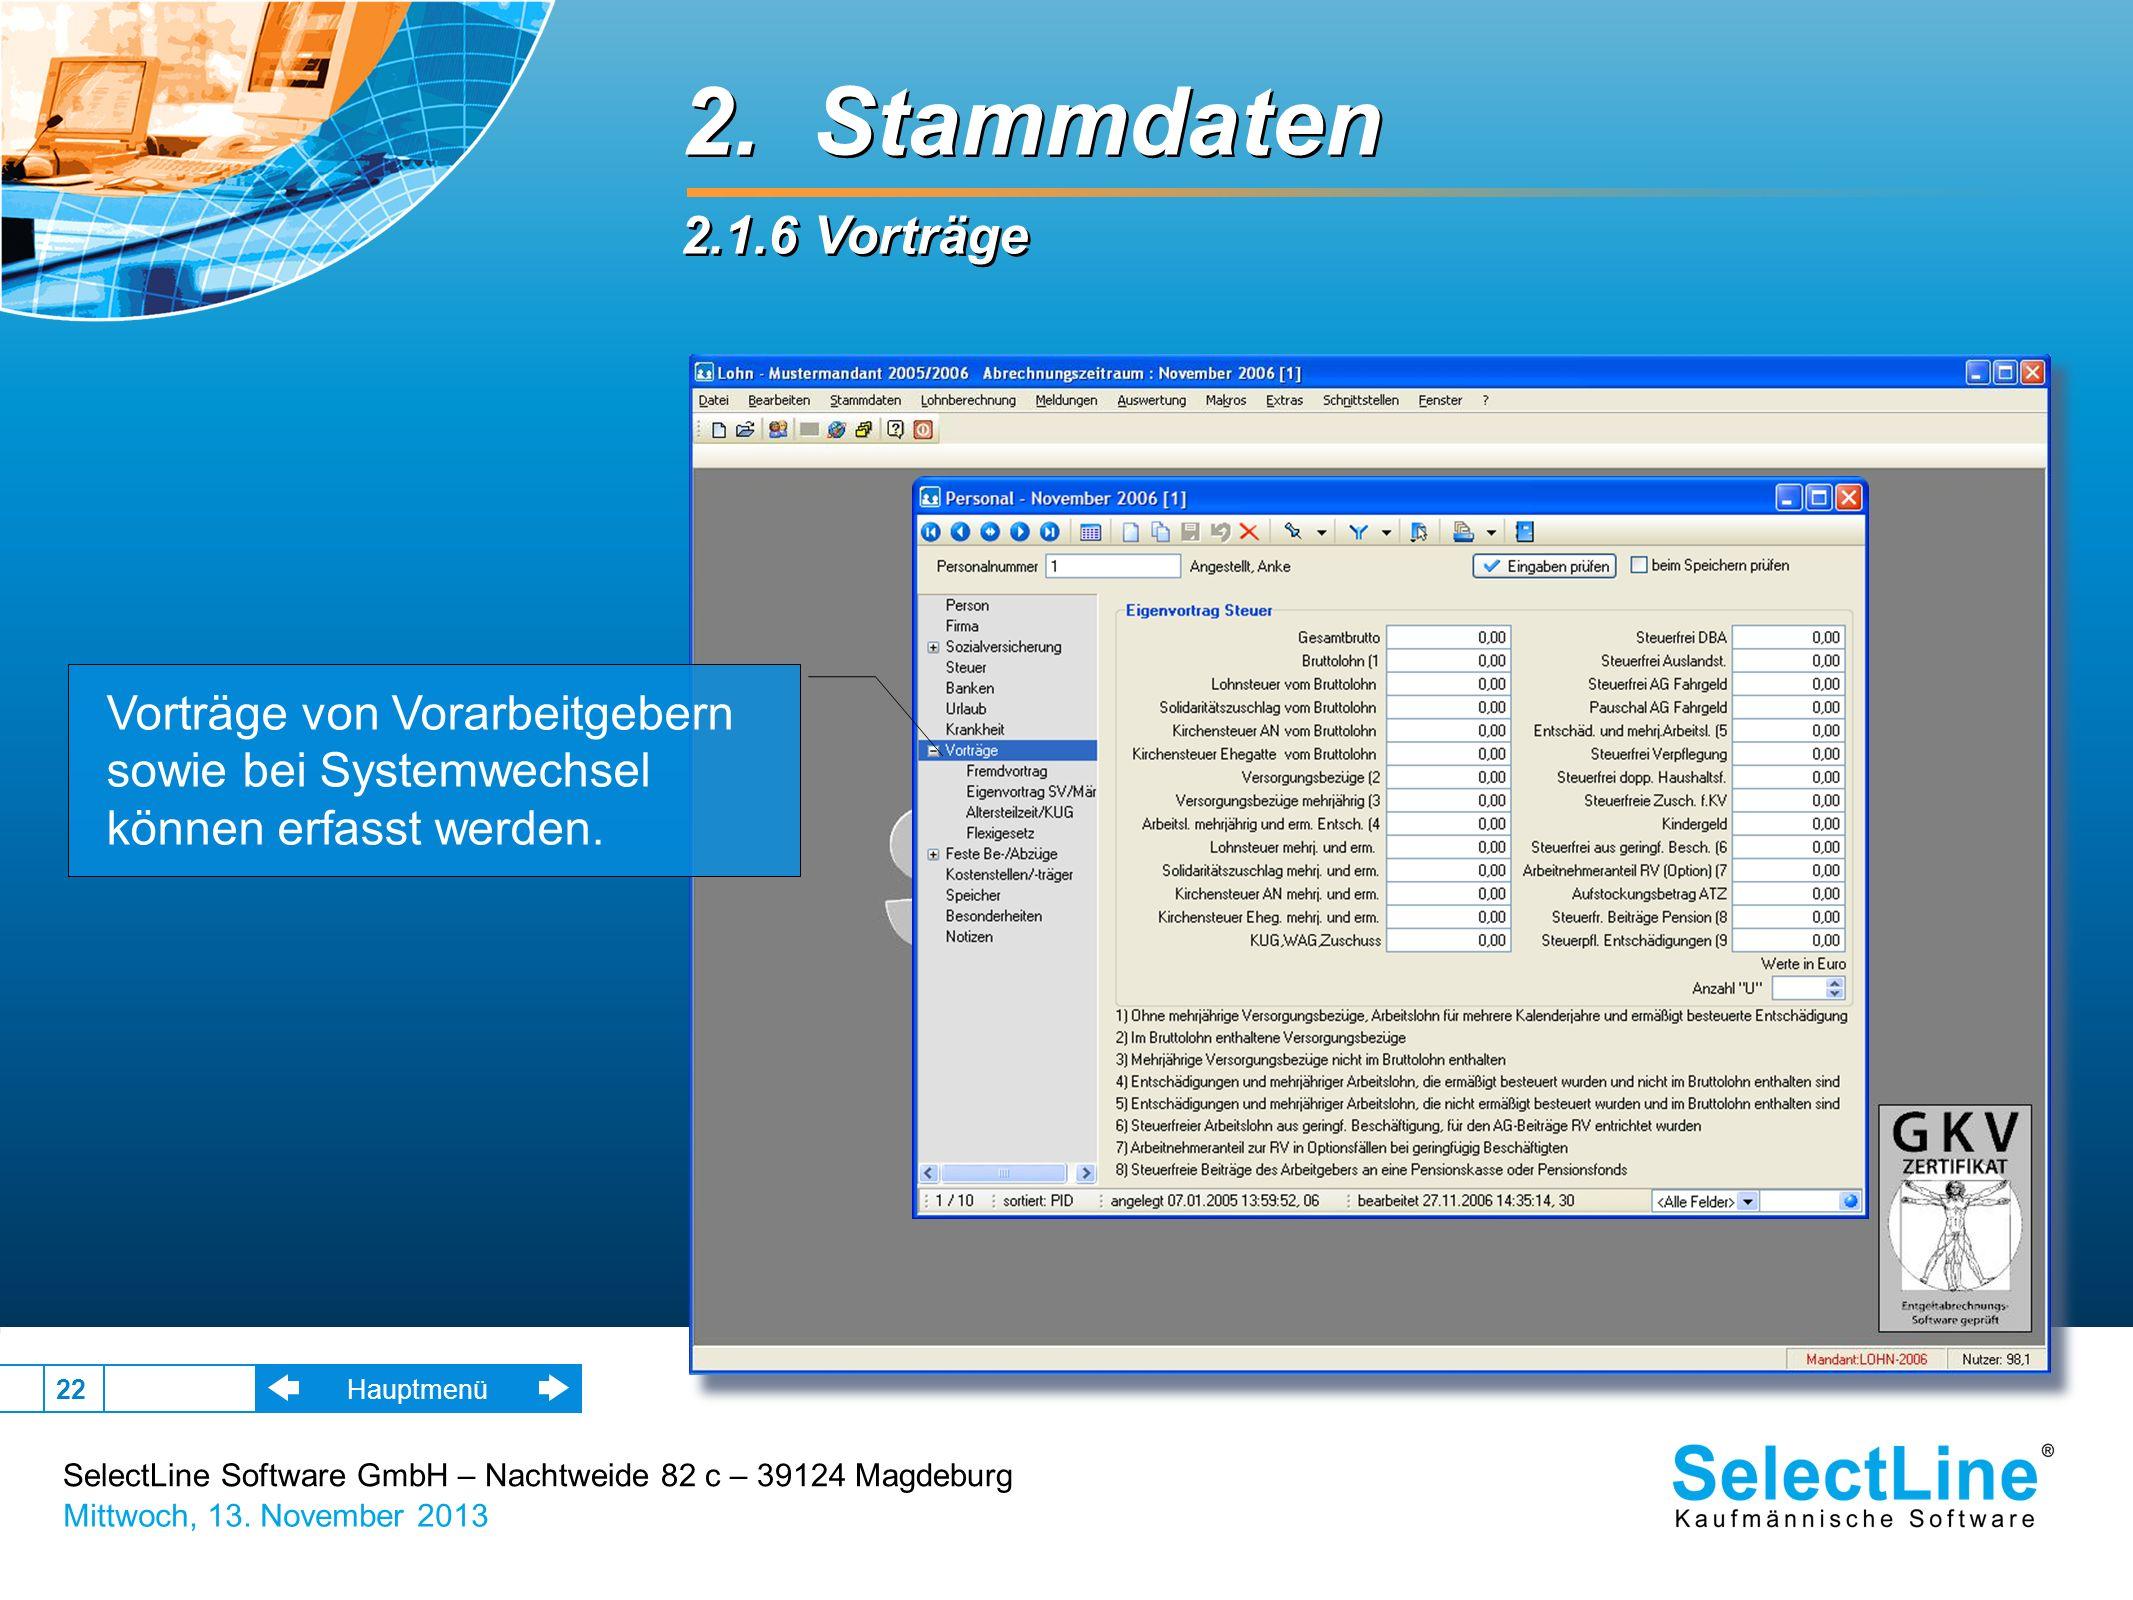 2. Stammdaten 2.1.6 Vorträge. Vorträge von Vorarbeitgebern sowie bei Systemwechsel können erfasst werden.